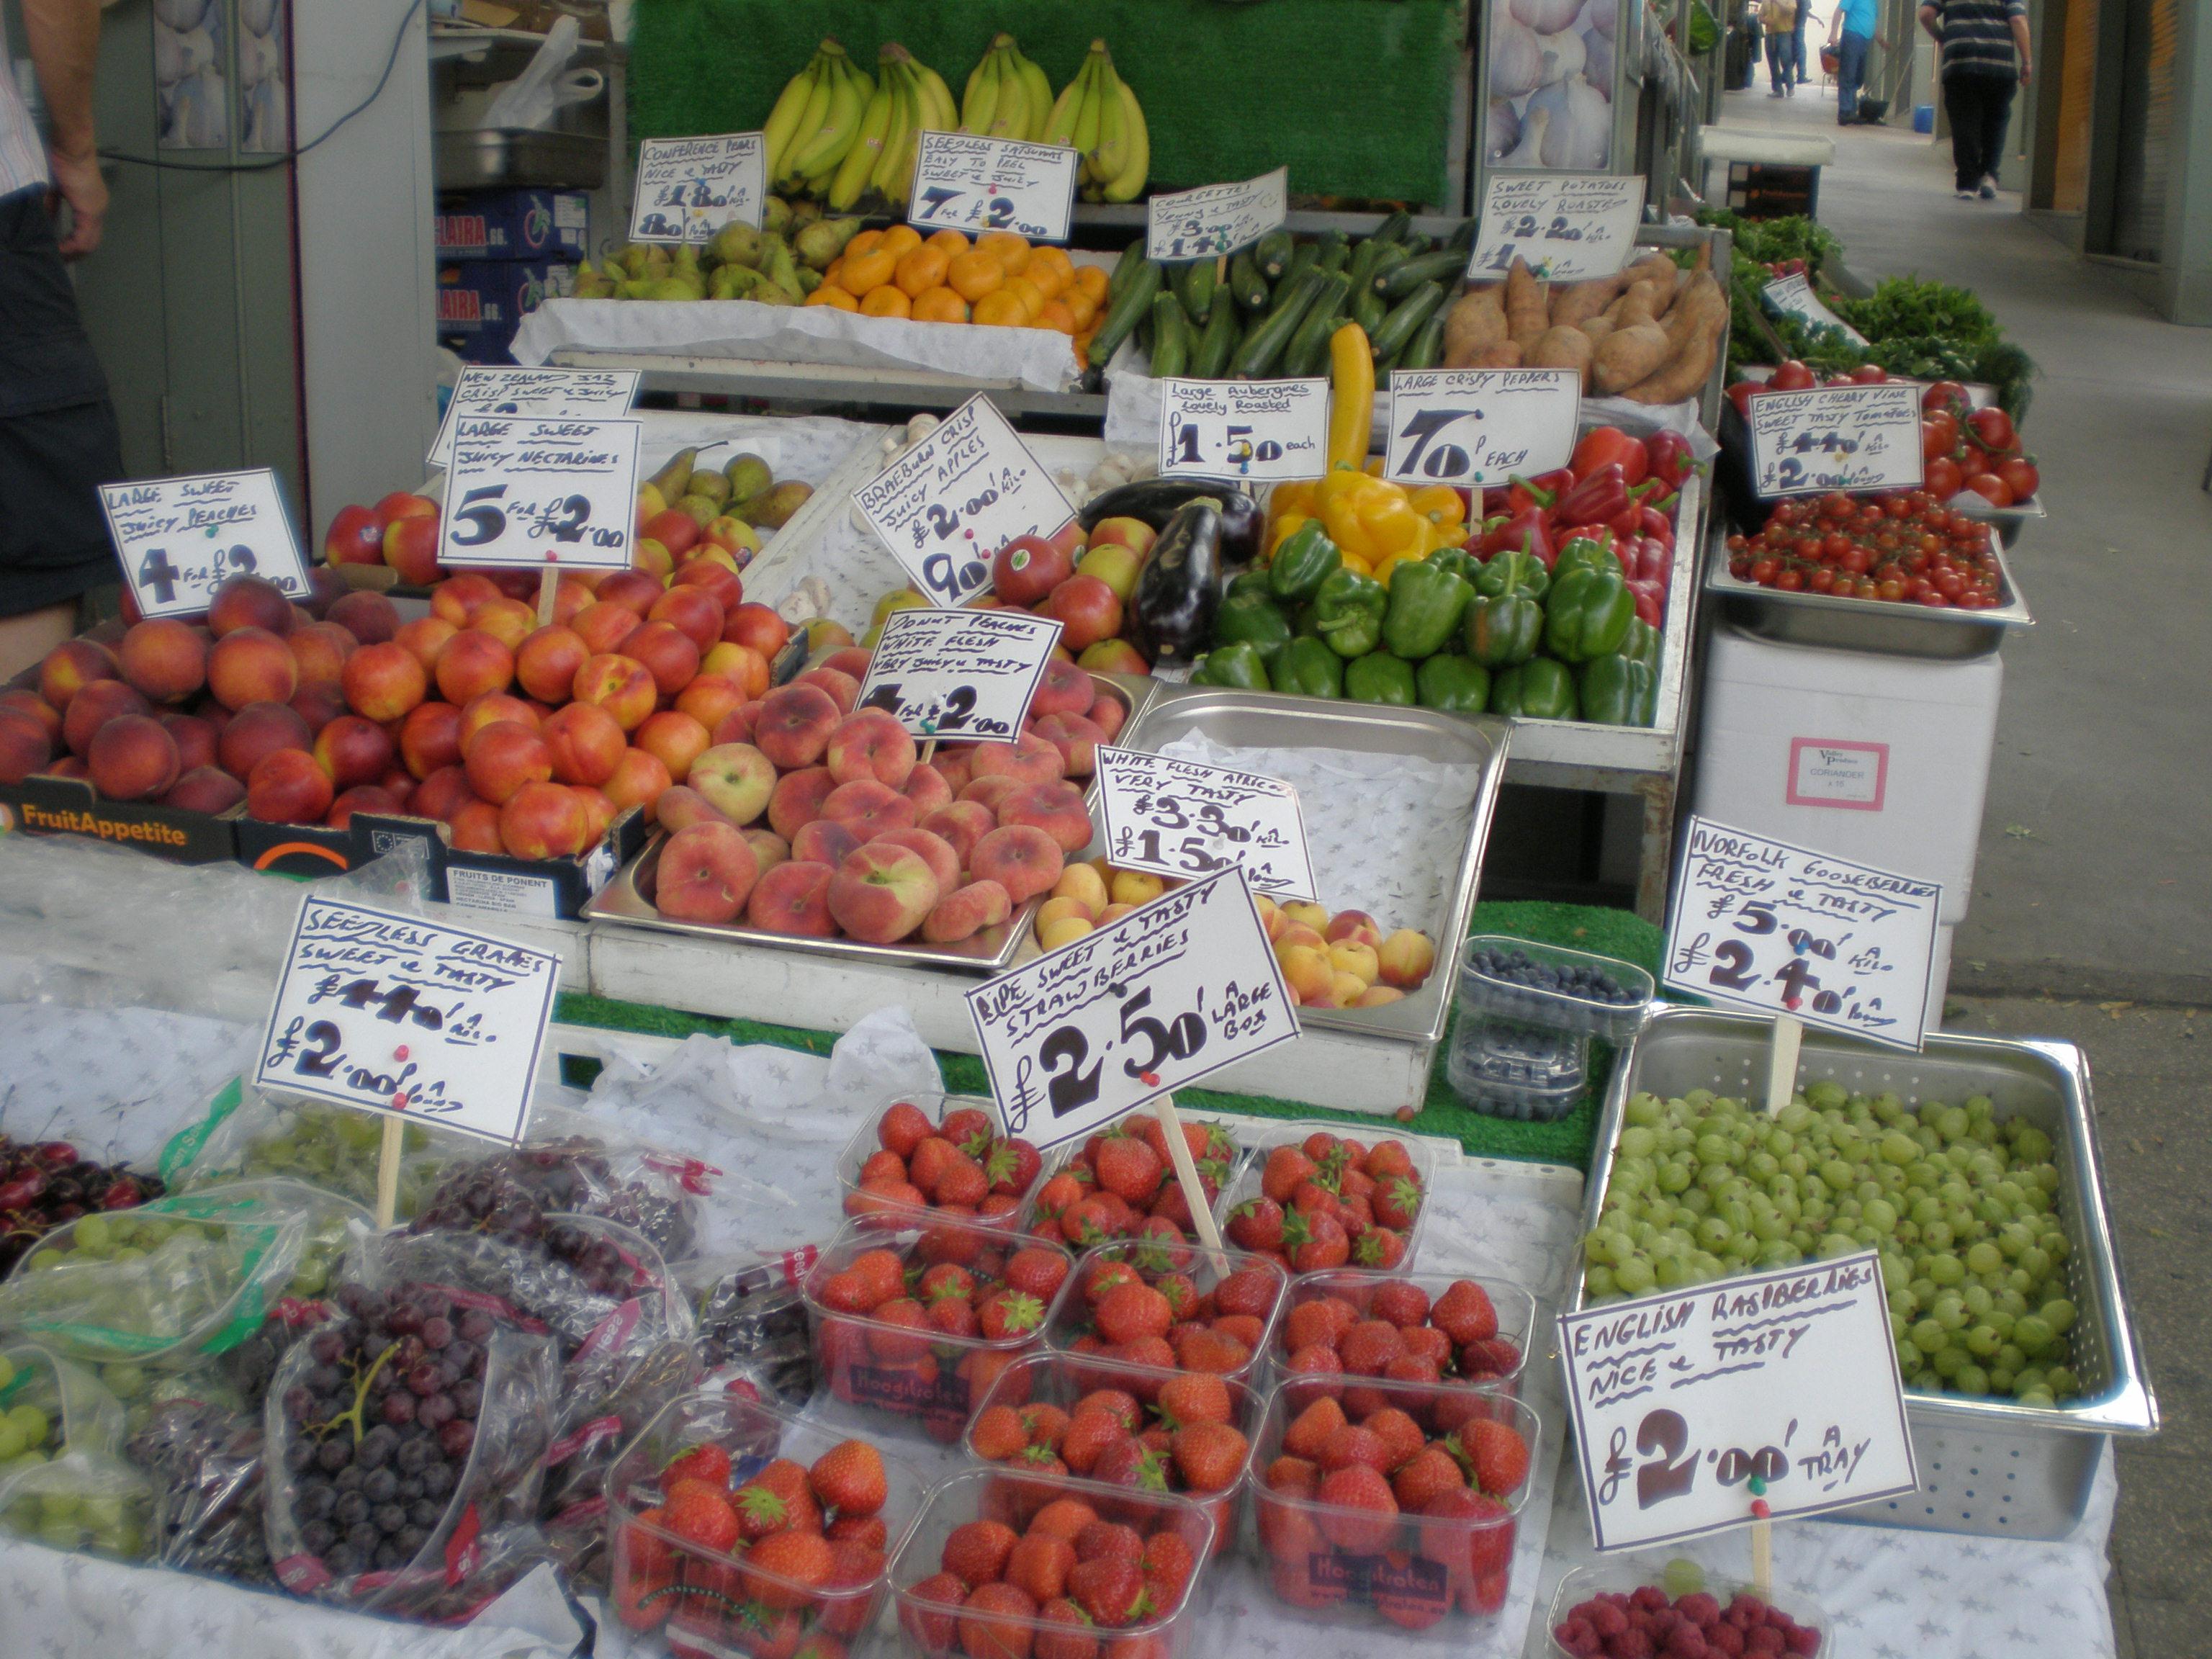 Marché fruits et légumes - Angleterre